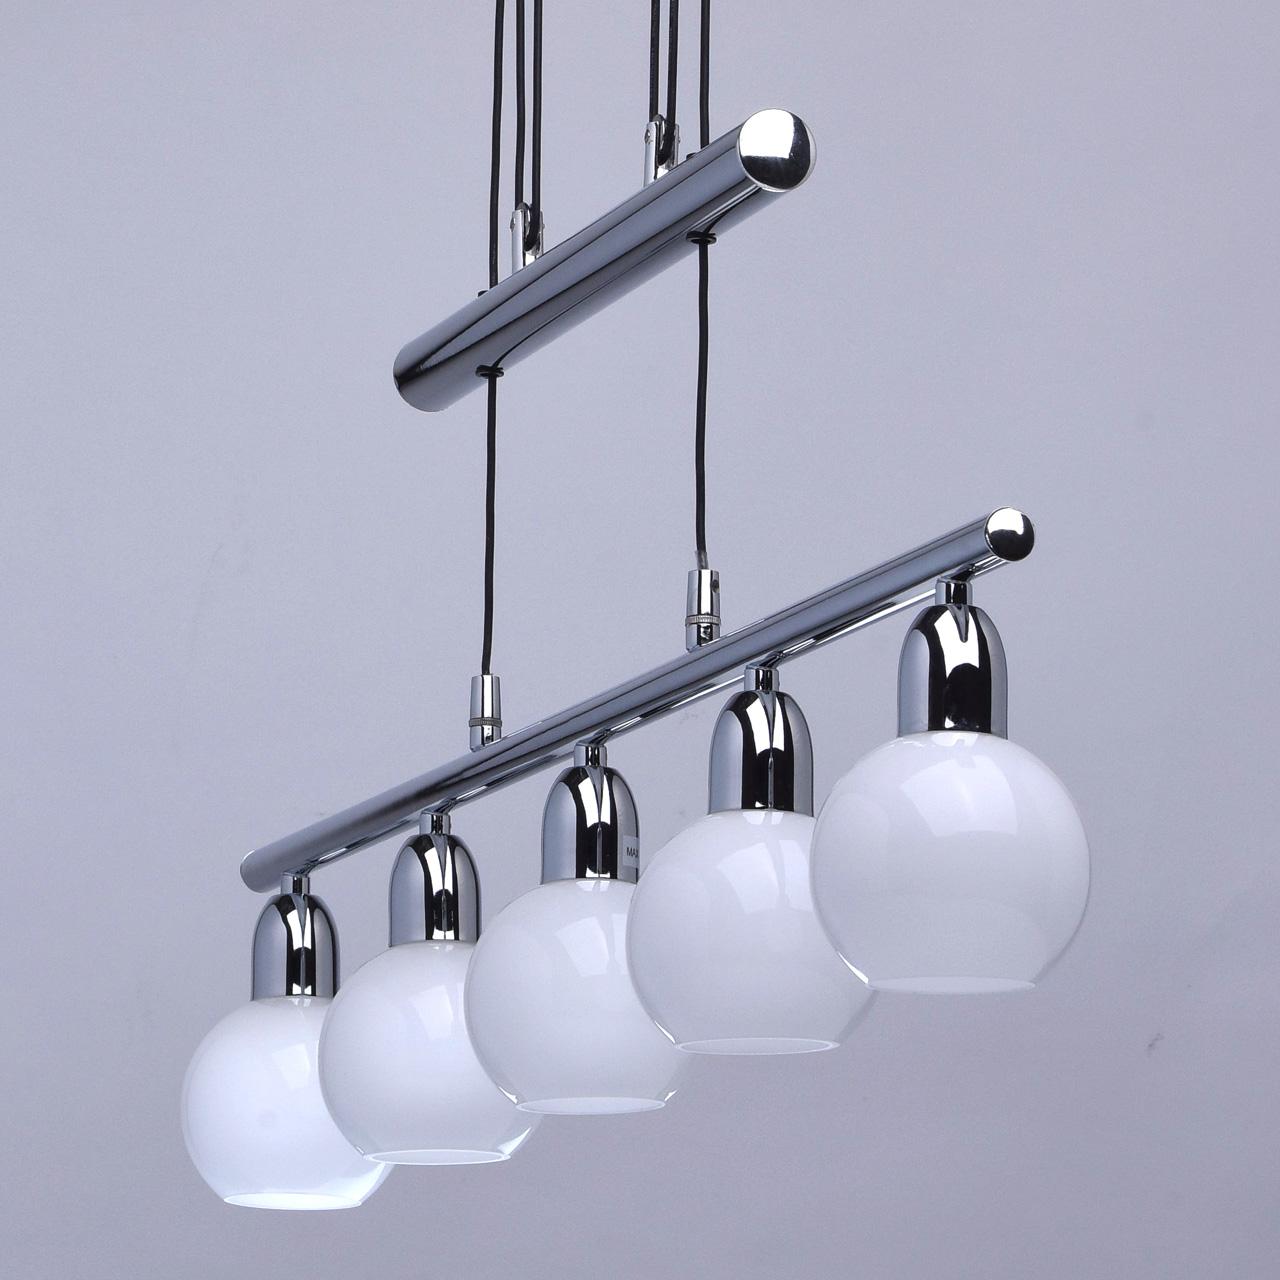 Nowoczesne Oswietlenie Do Jadalni Lampa Led Na 5 Zarowek Mw Light